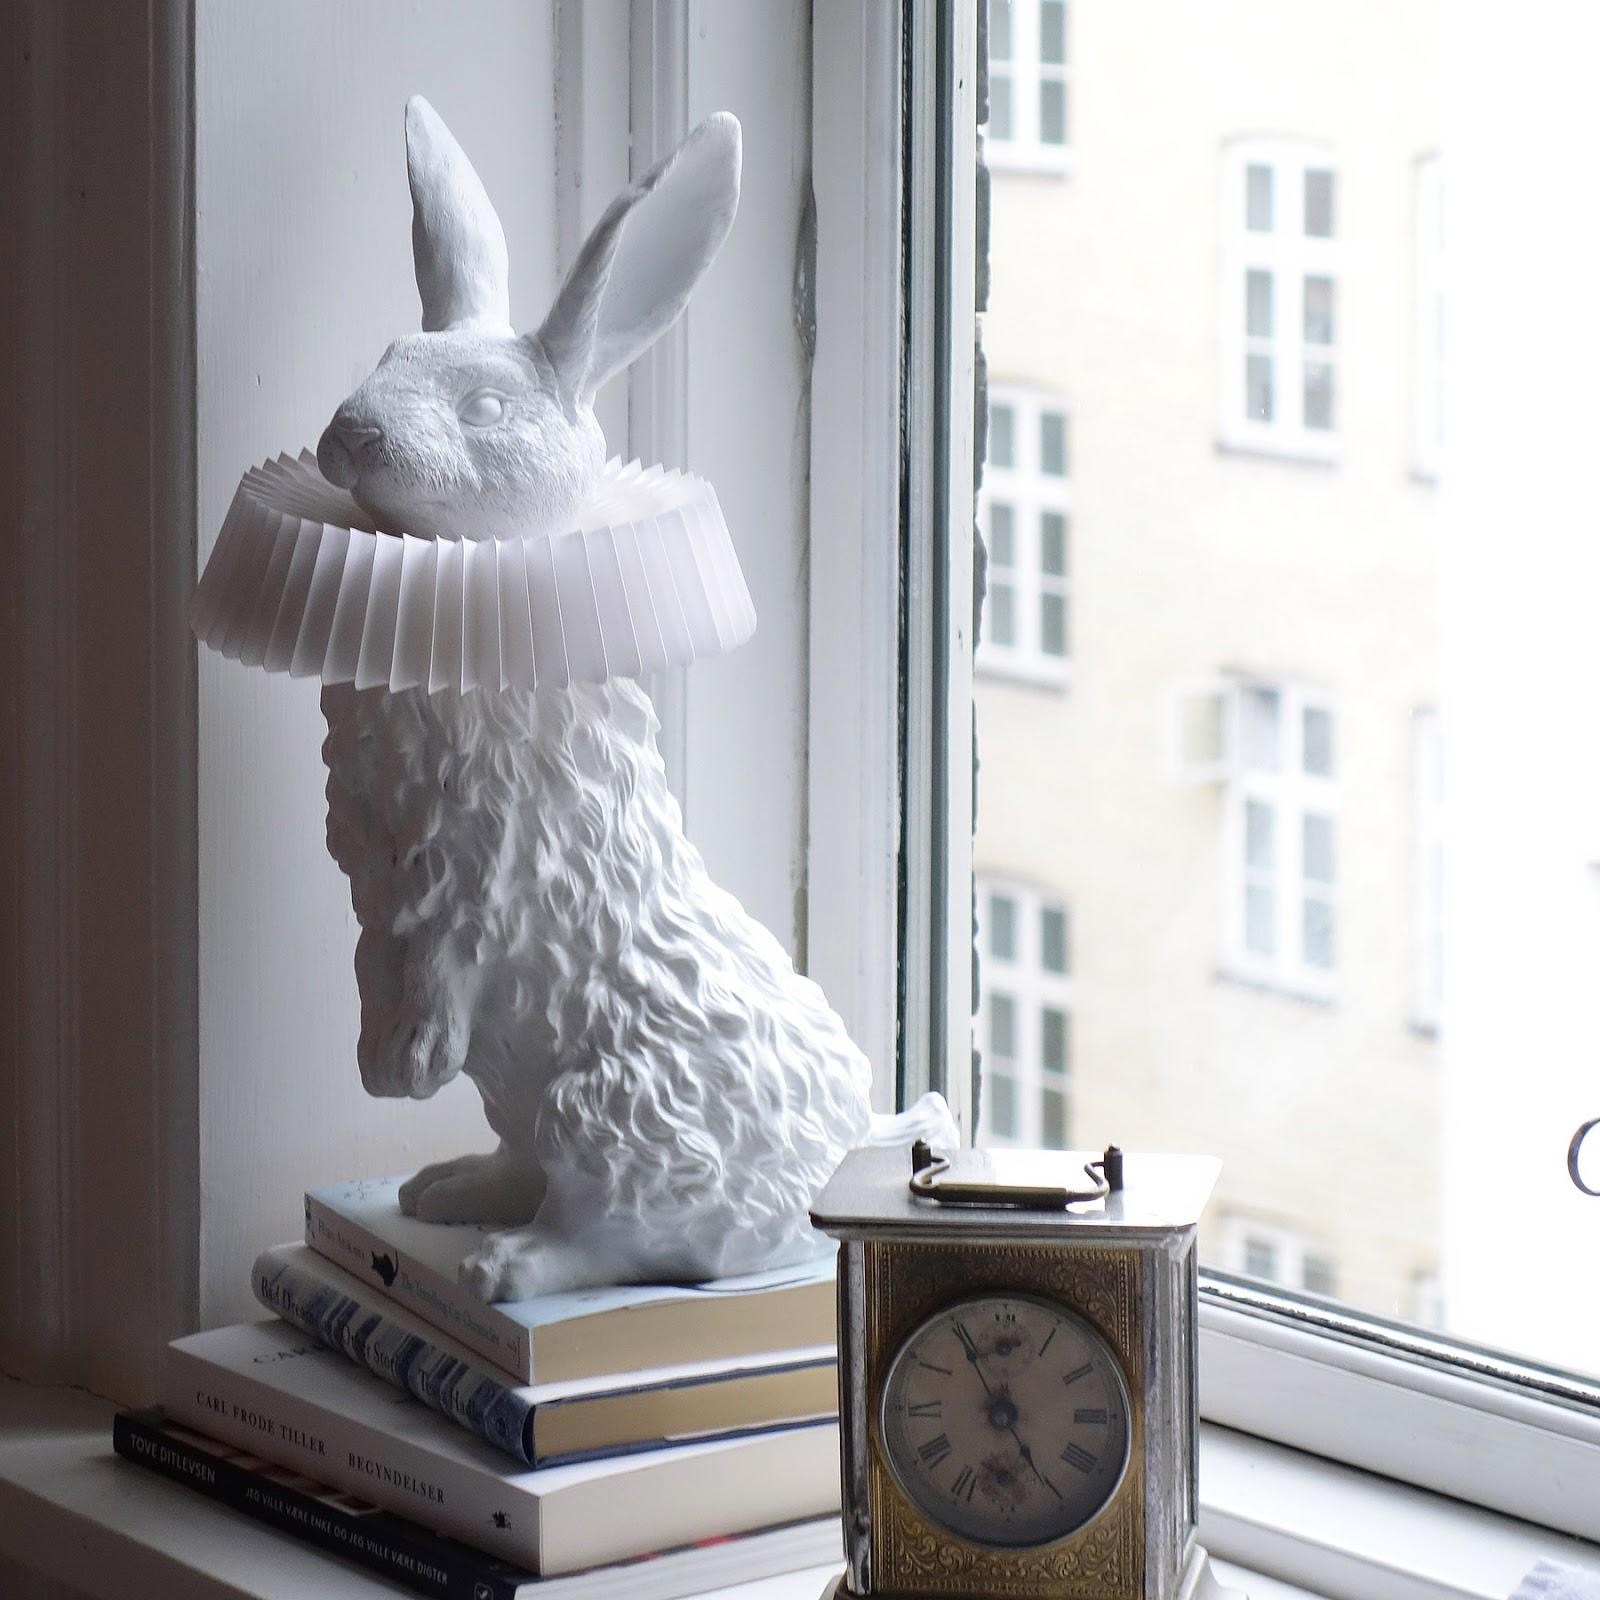 Lampa w postaci zająca